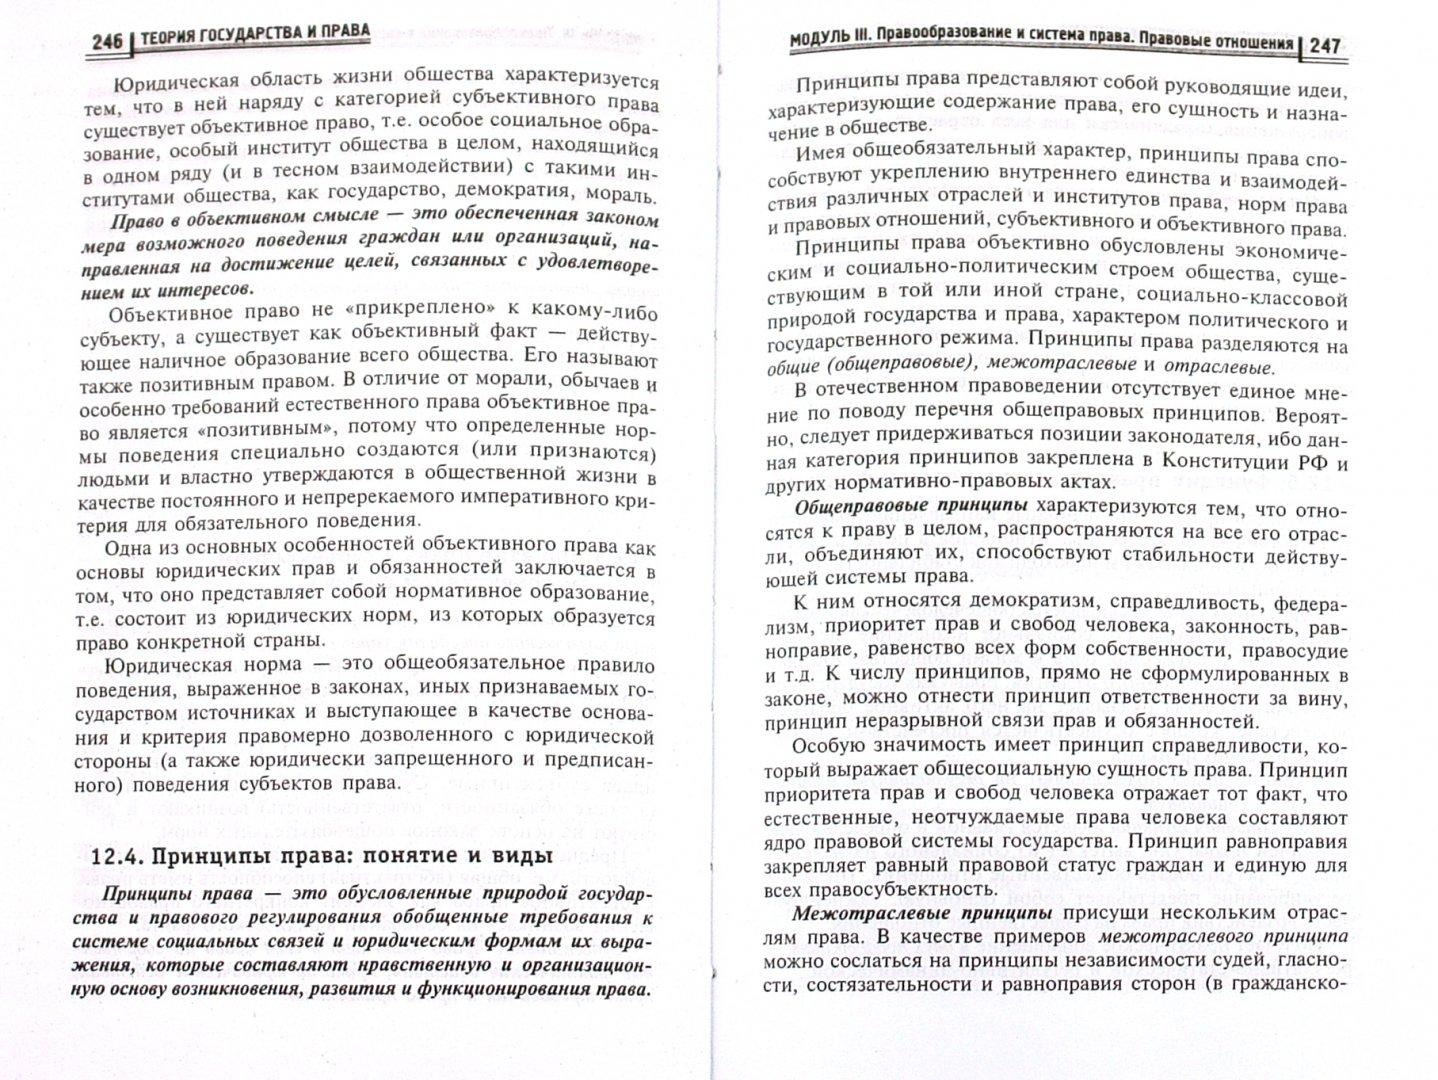 Иллюстрация 1 из 12 для Теория государства и права. Учебник - Смоленский, Мархгейм, Тонков, Борисов | Лабиринт - книги. Источник: Лабиринт